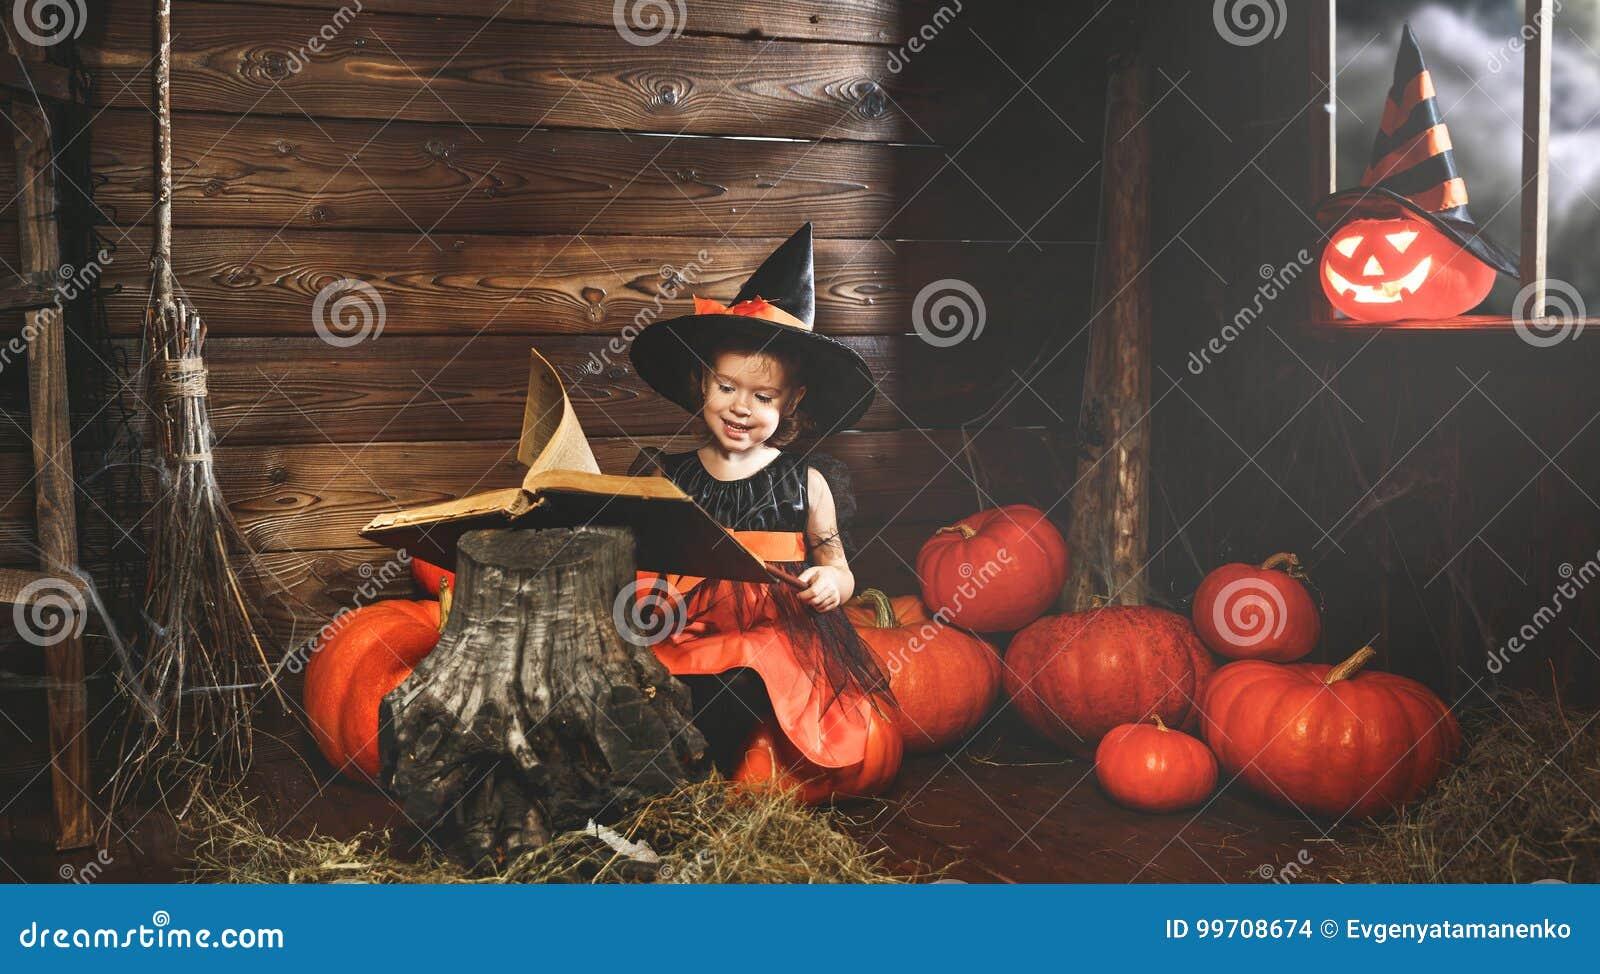 Halloween ребенок ведьмы колдует с книгой произношений по буквам, волшебной палочки и тыкв